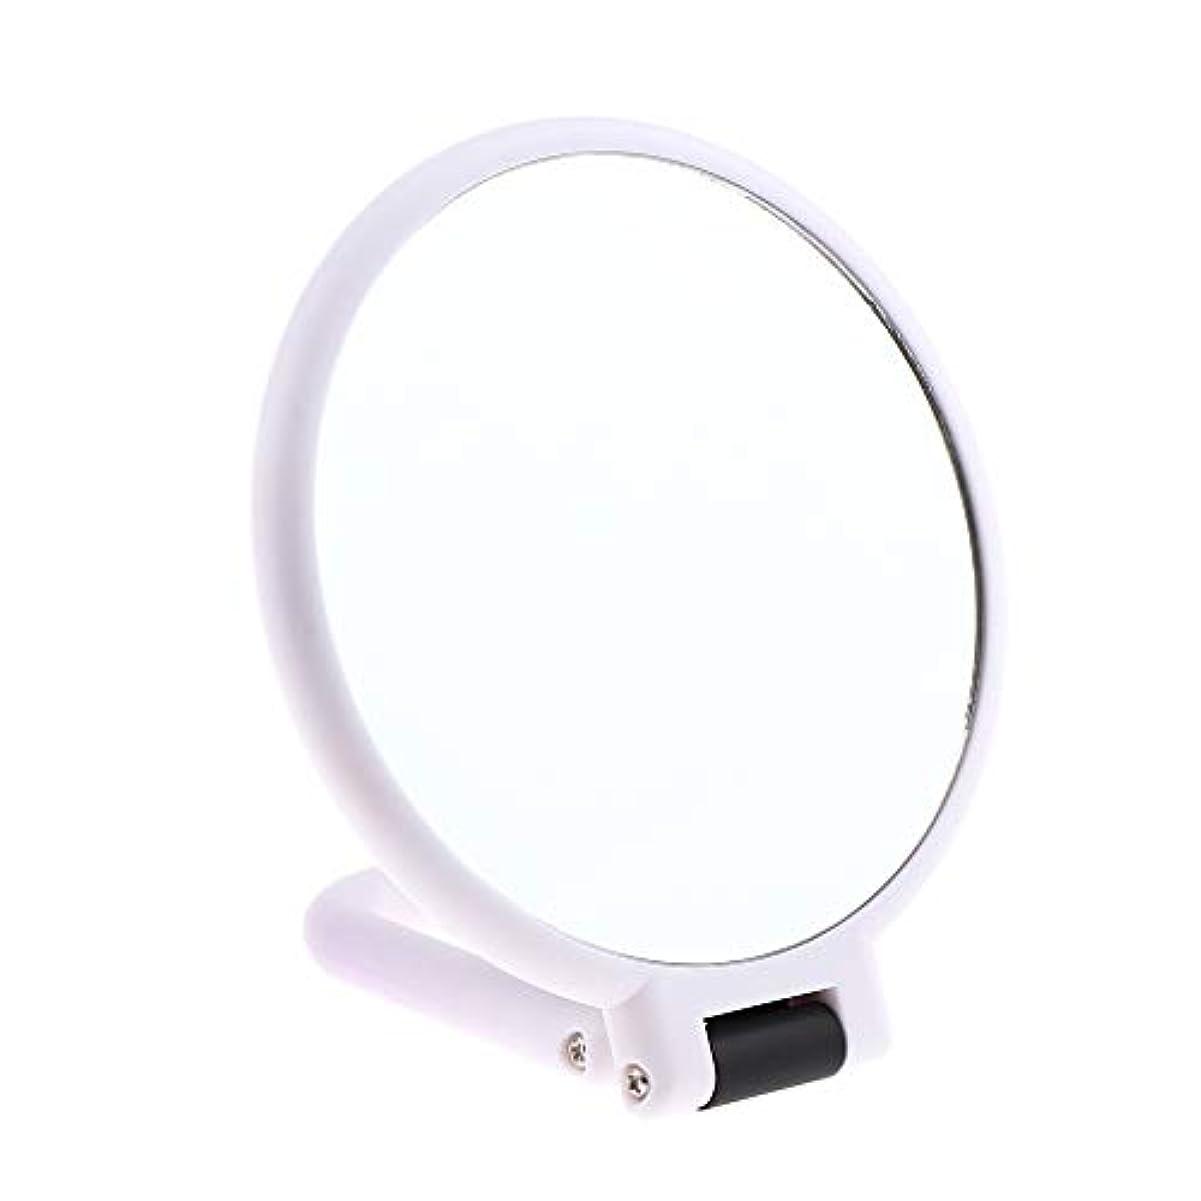 下線ポータブルボウリング両面化粧鏡 拡大鏡 ラウンド メイクアップミラー お化粧 ホワイト 5仕様選べ - 3倍